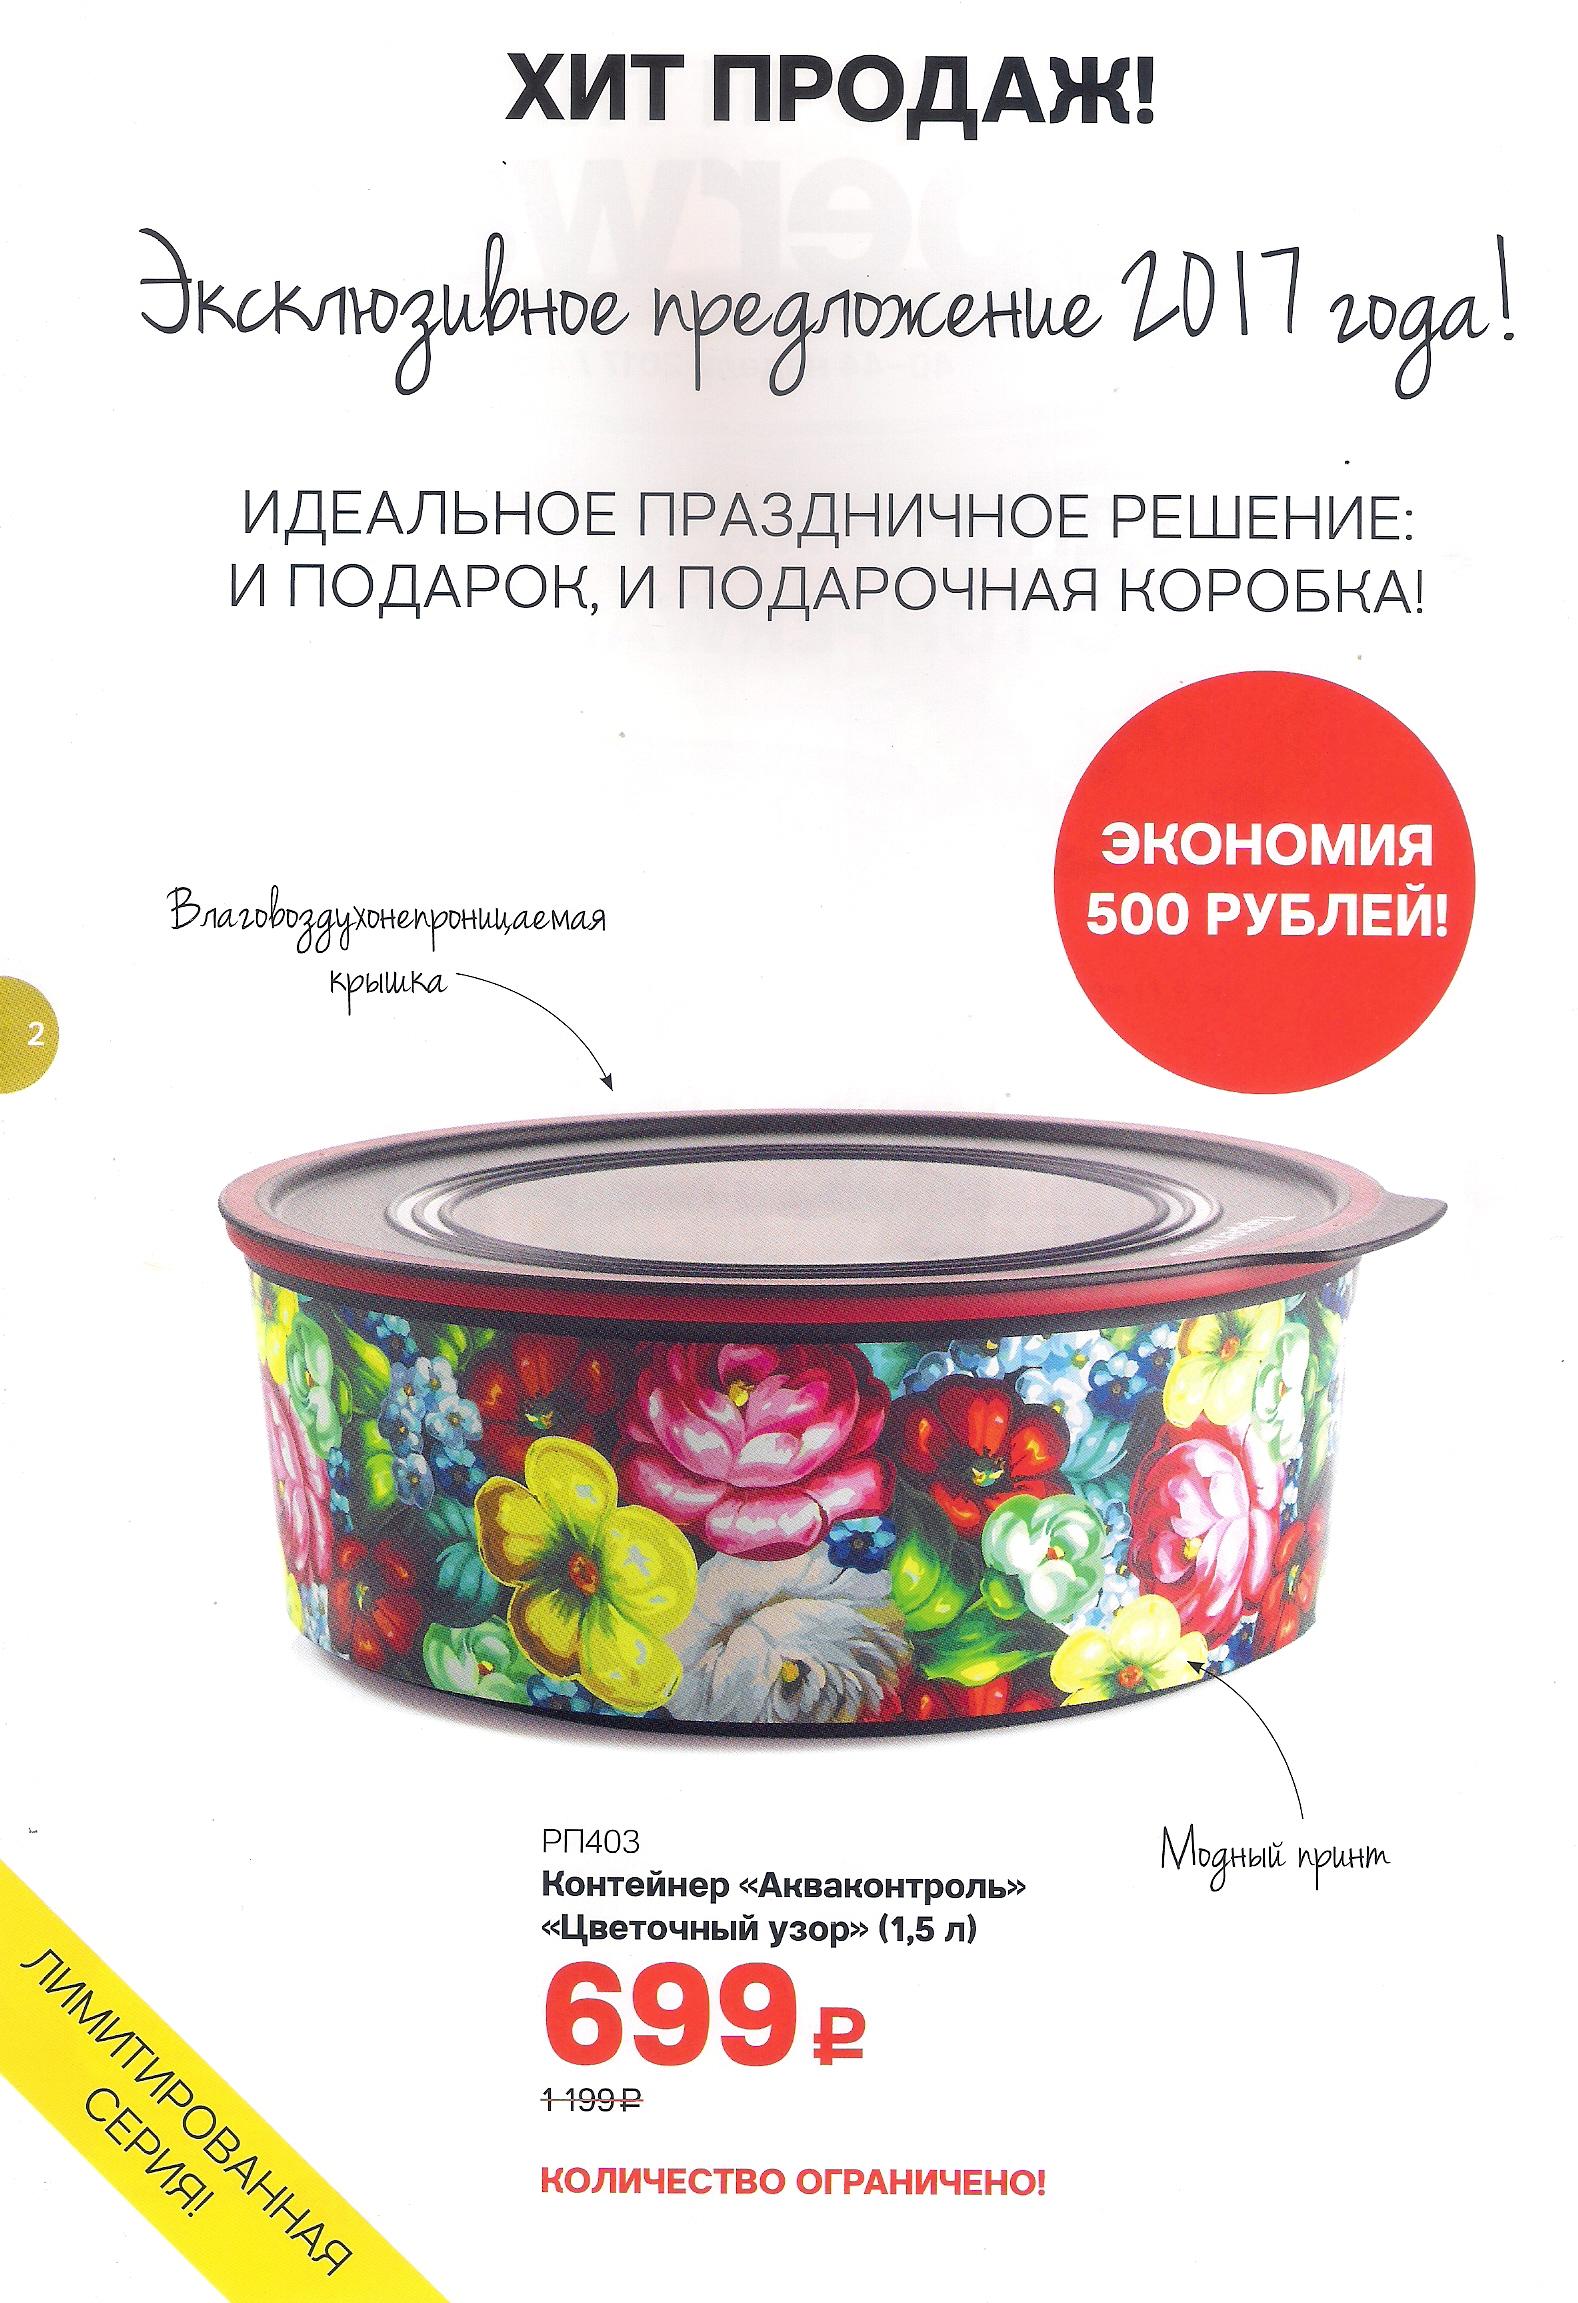 https://tupperware-online.ru/images/upload/2p.jpg